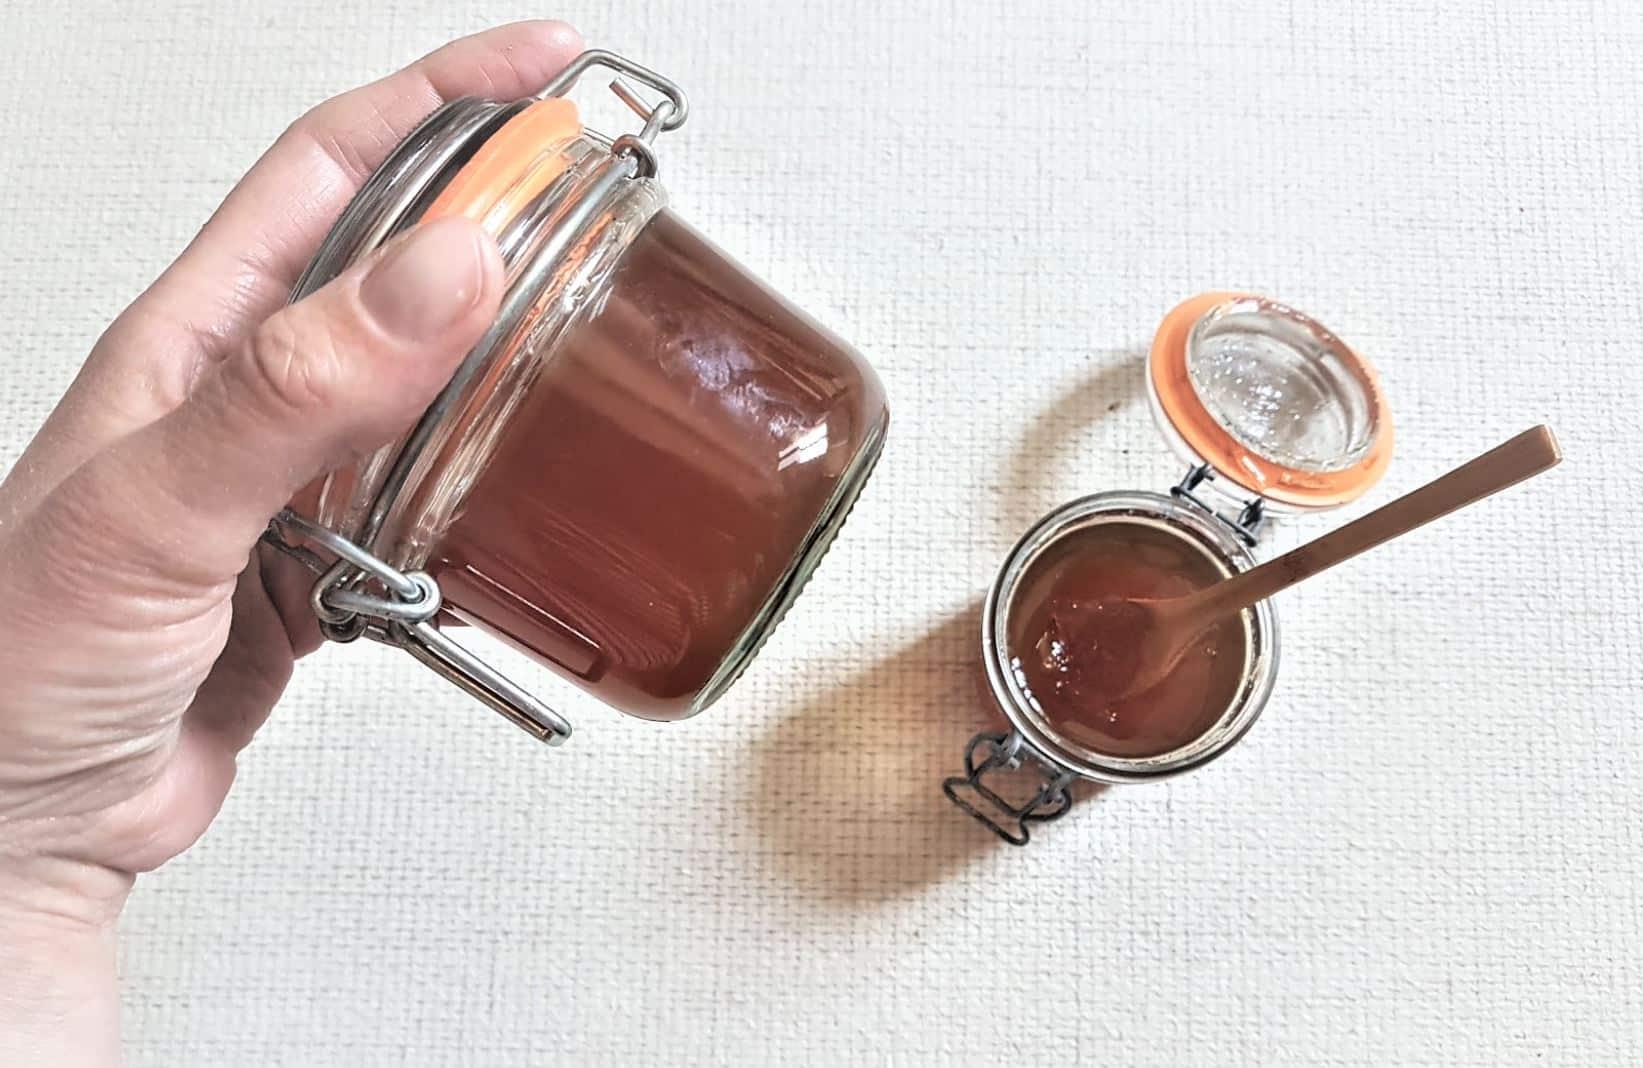 gelée de thé maison bocal